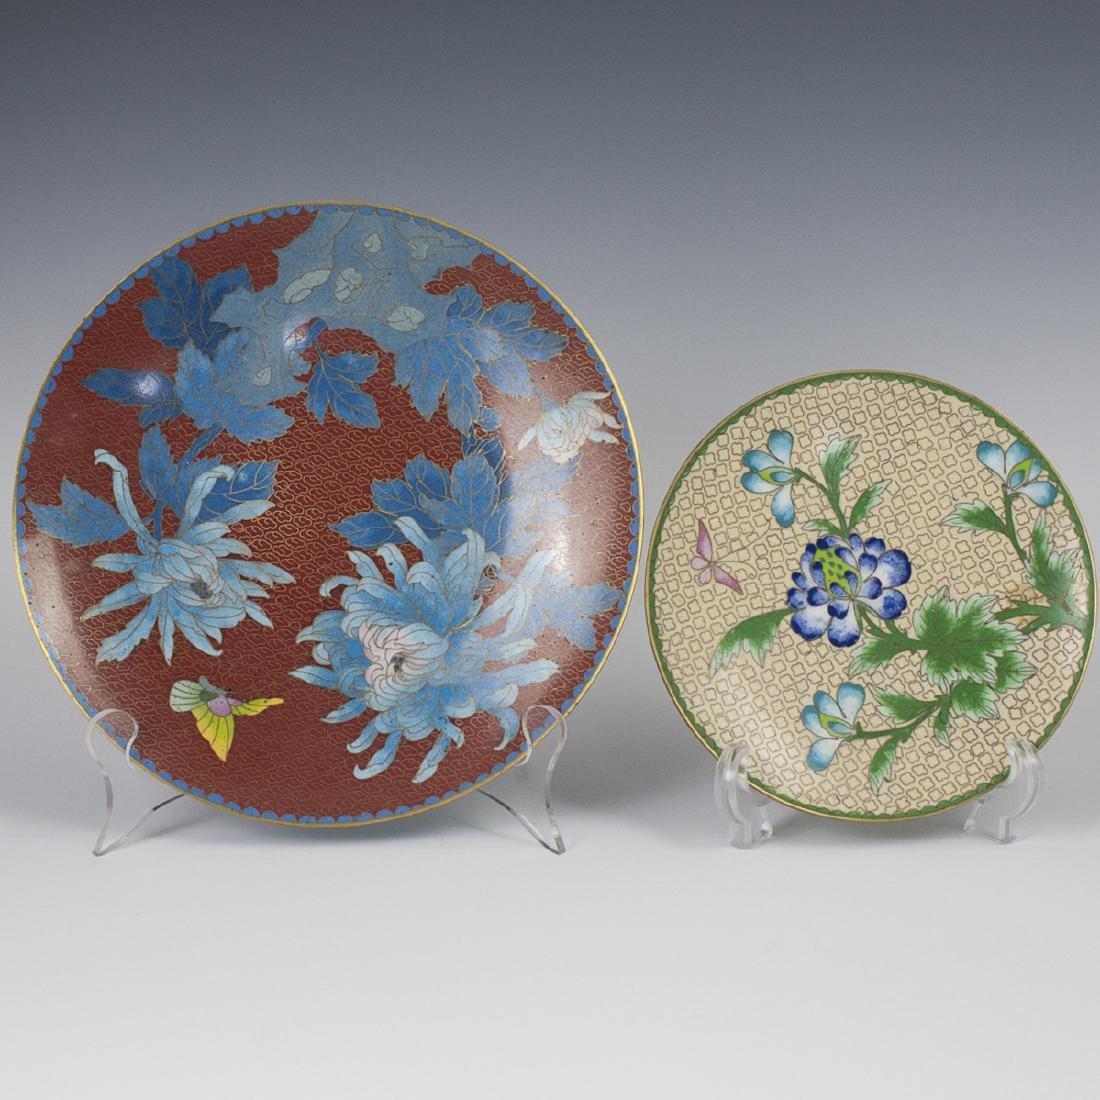 Chinese Cloisonne Enameled Plates